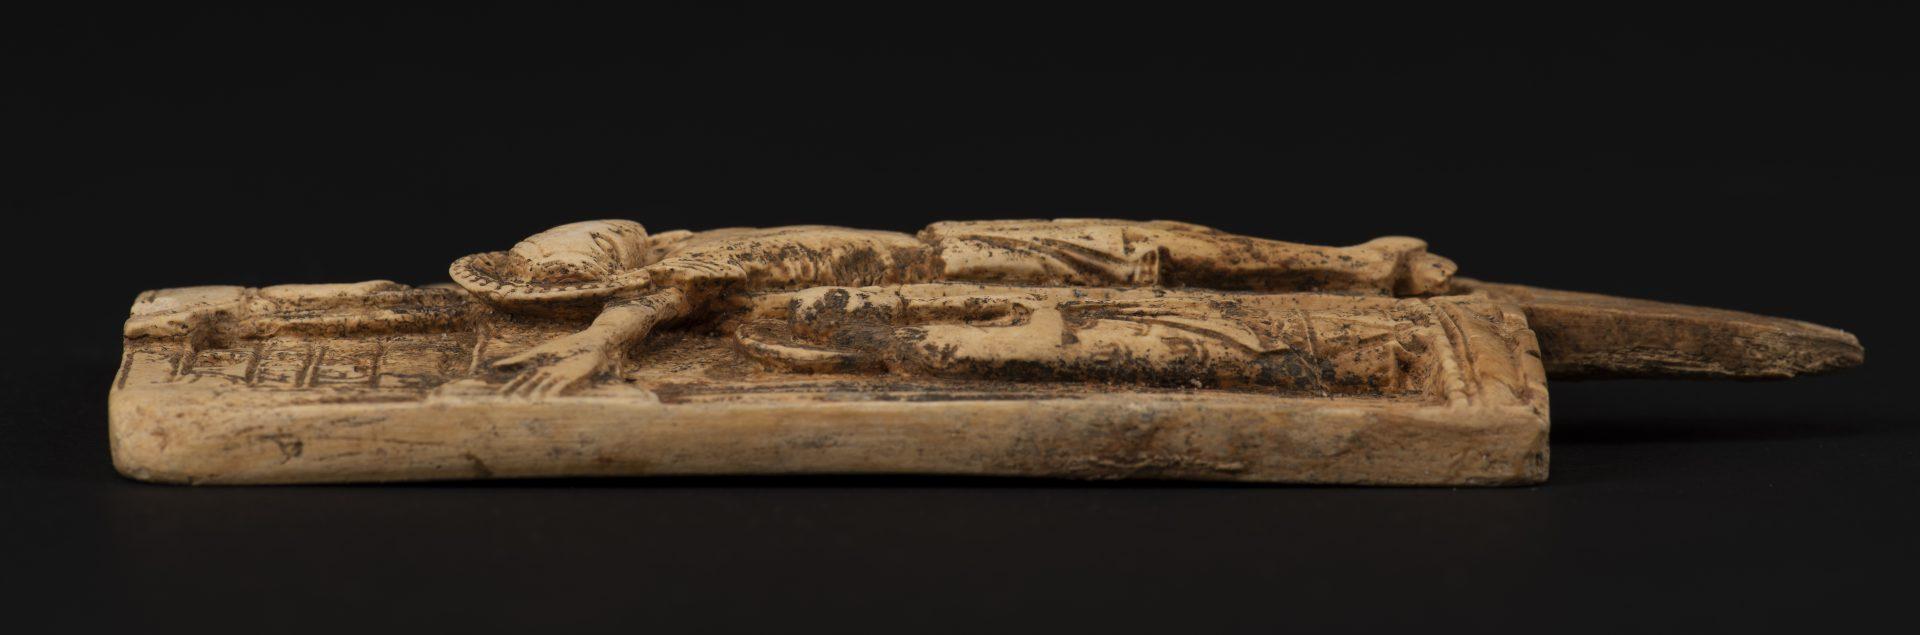 Foto av Jesusavbildning av valrossen. Bilden är i relief.